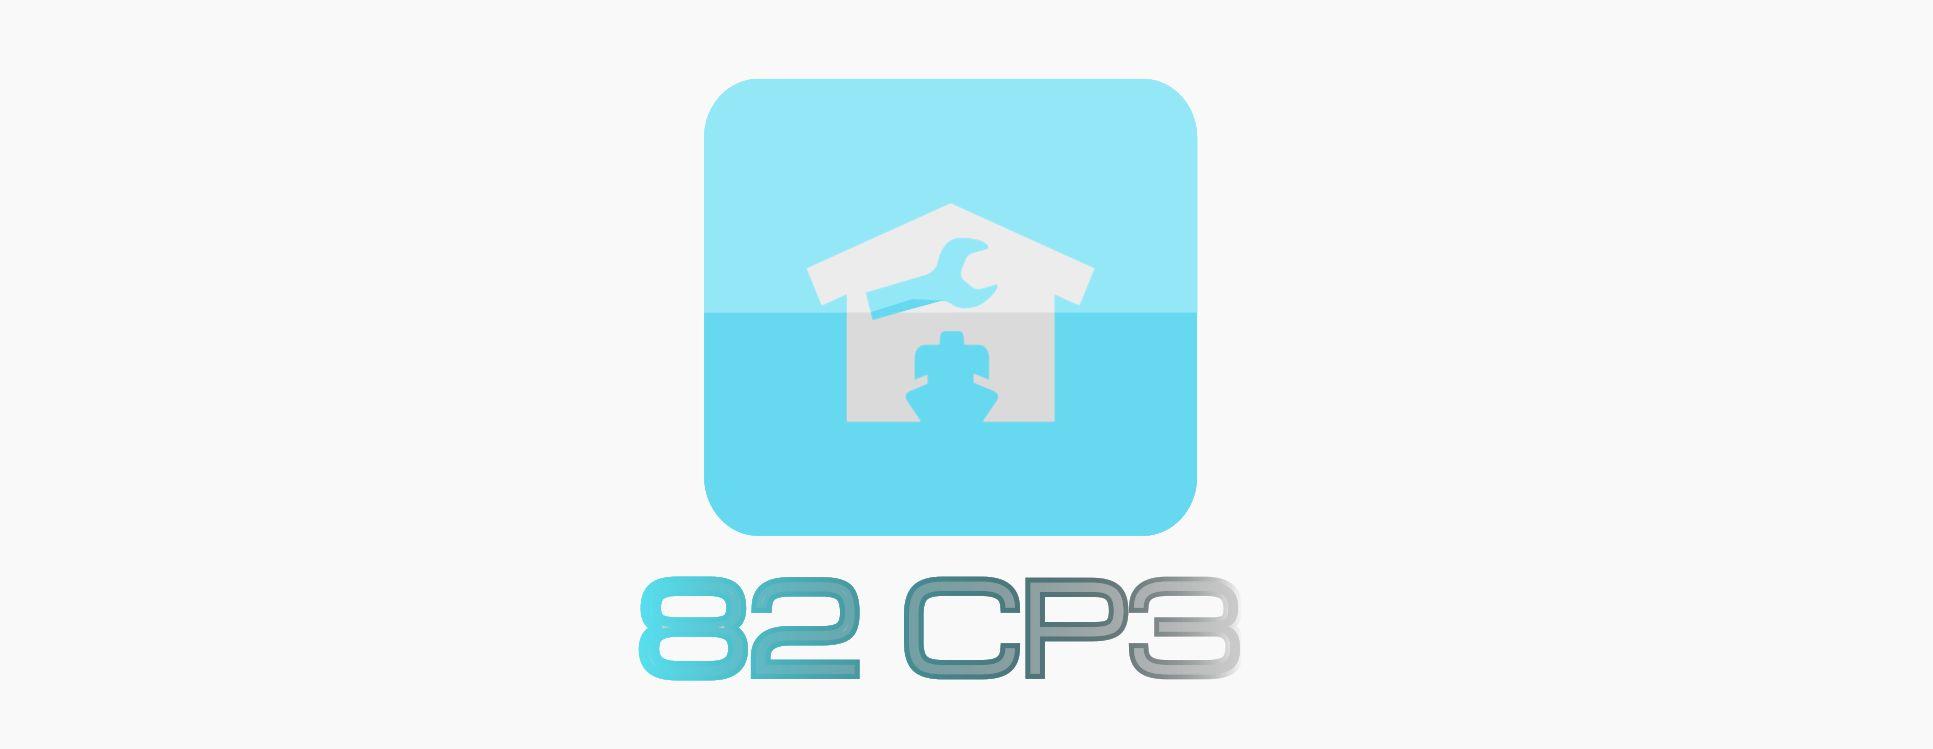 Логотип для судоремонтного завода - дизайнер YULBAN